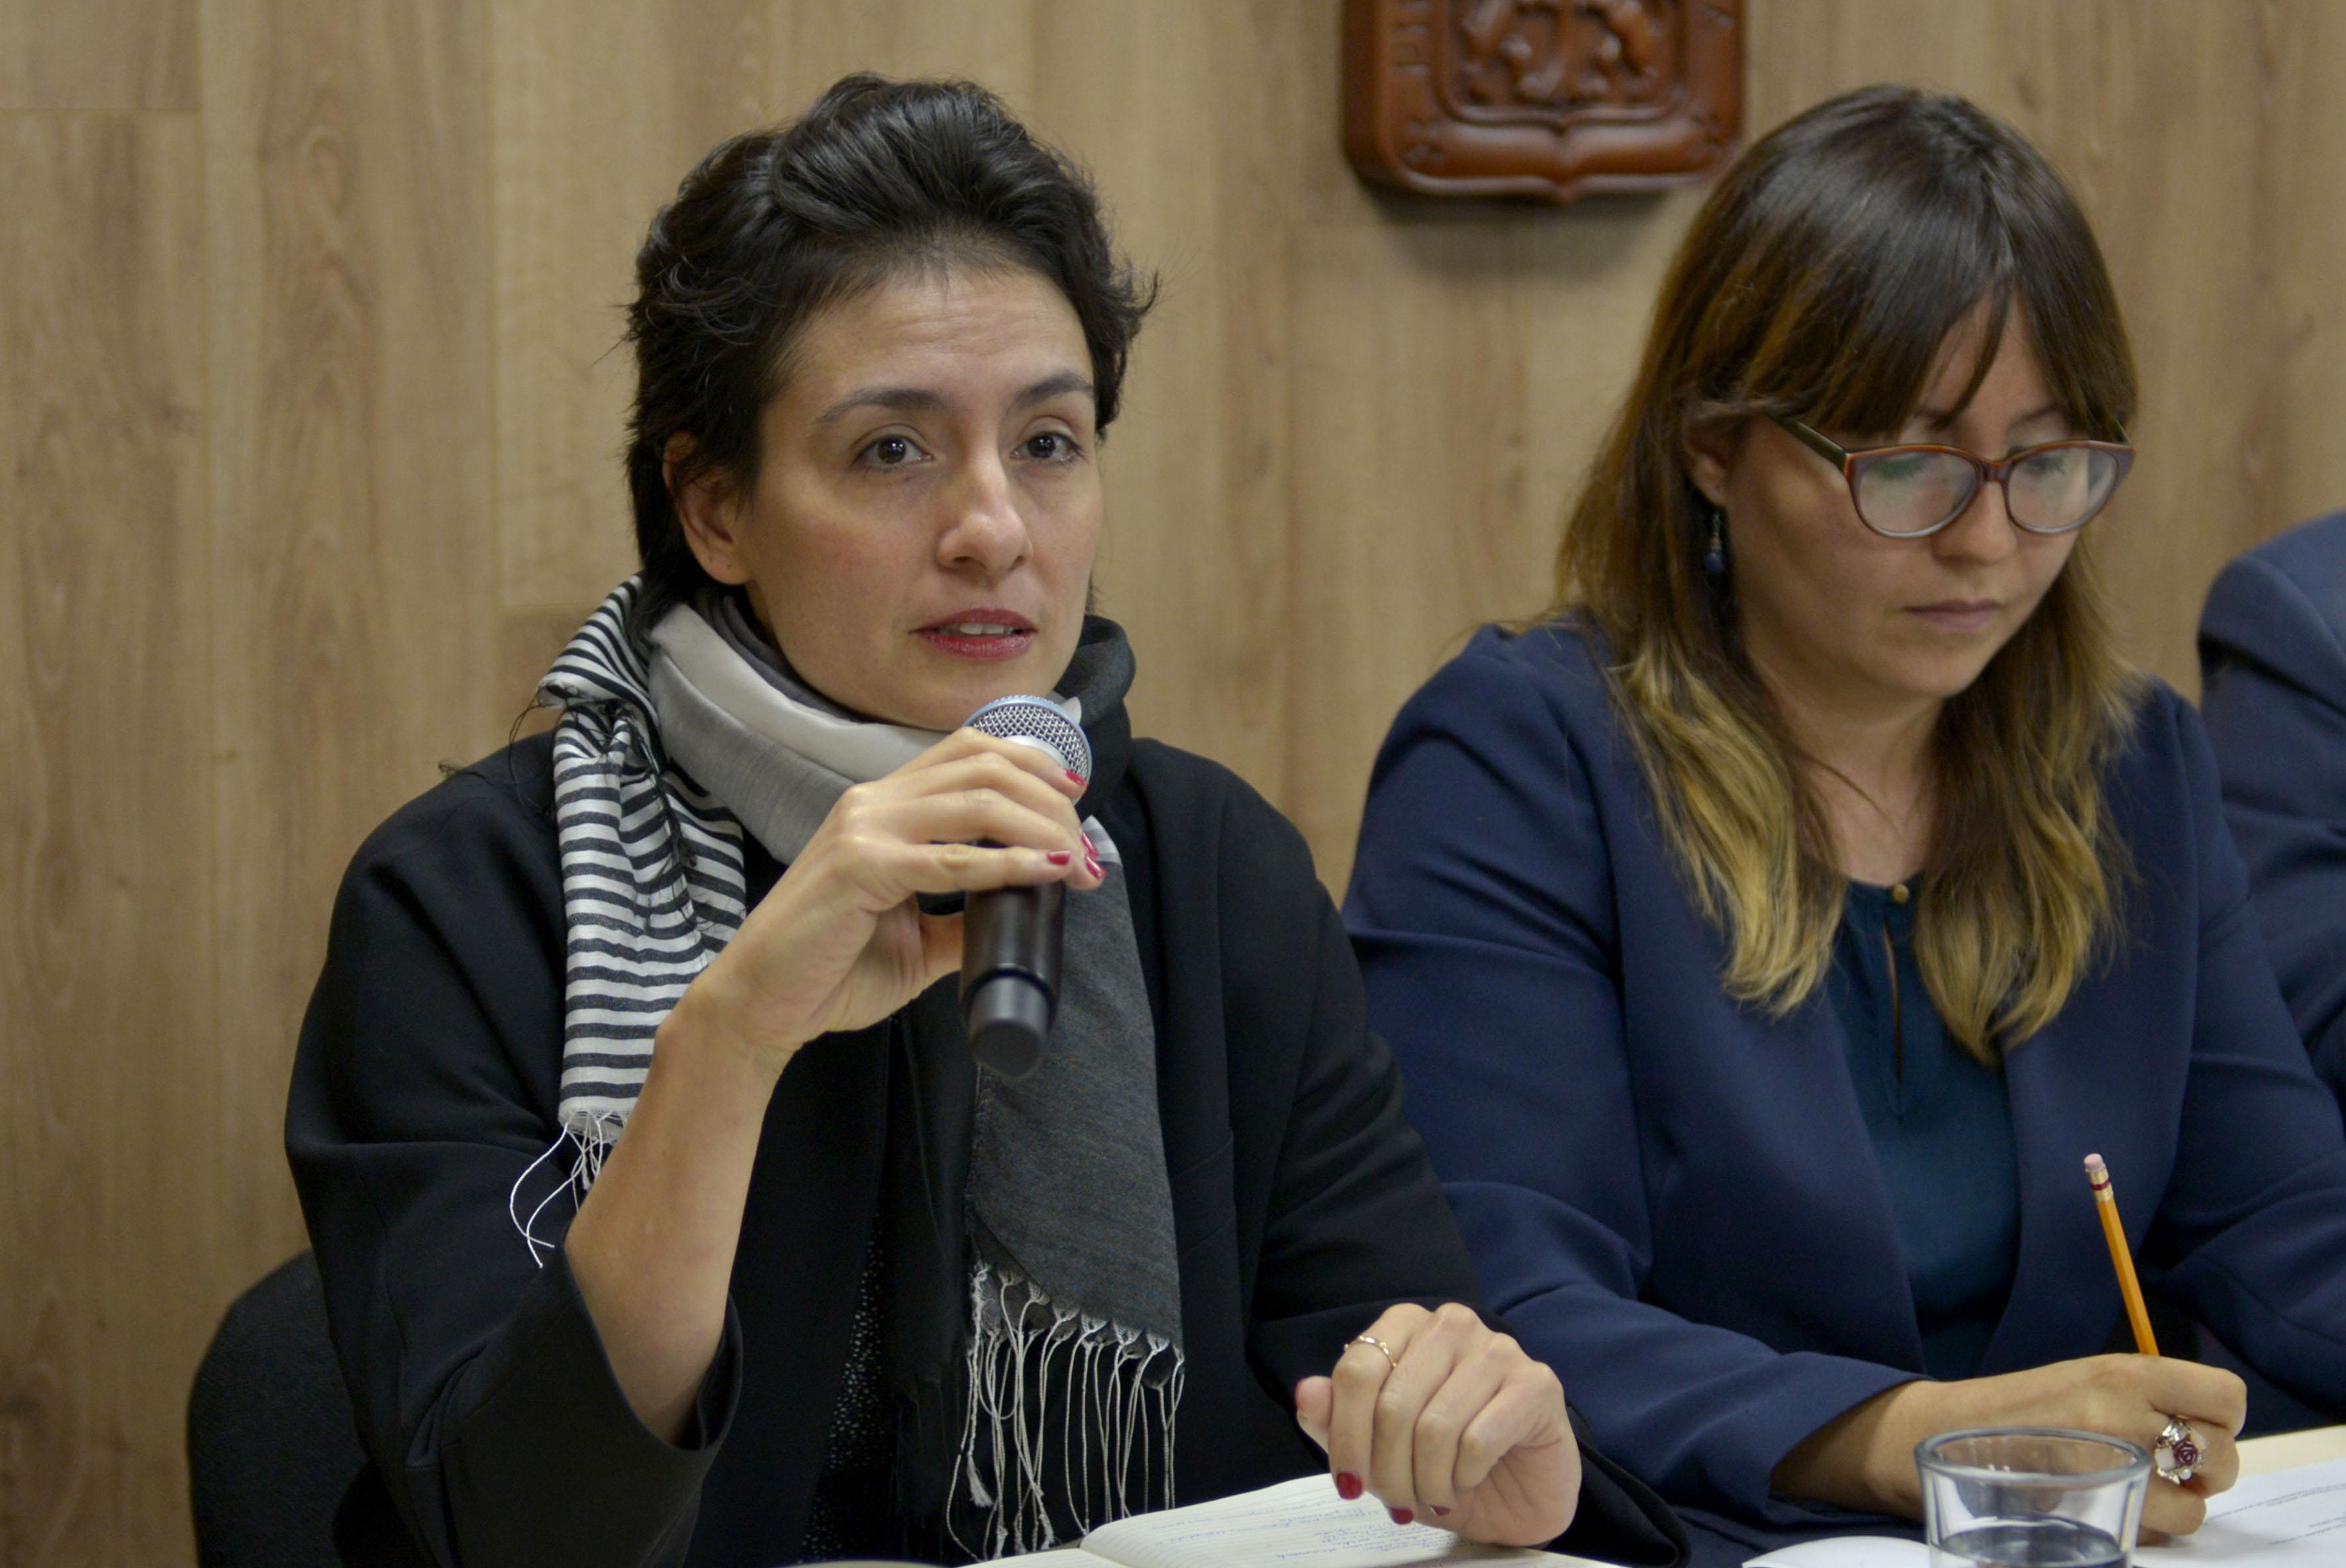 Maestra Melissa Amezcua, especialista de estudios políticos del CUCSH, con micrófono en mano haciendo uso de la palabra, durante rueda de prensa.